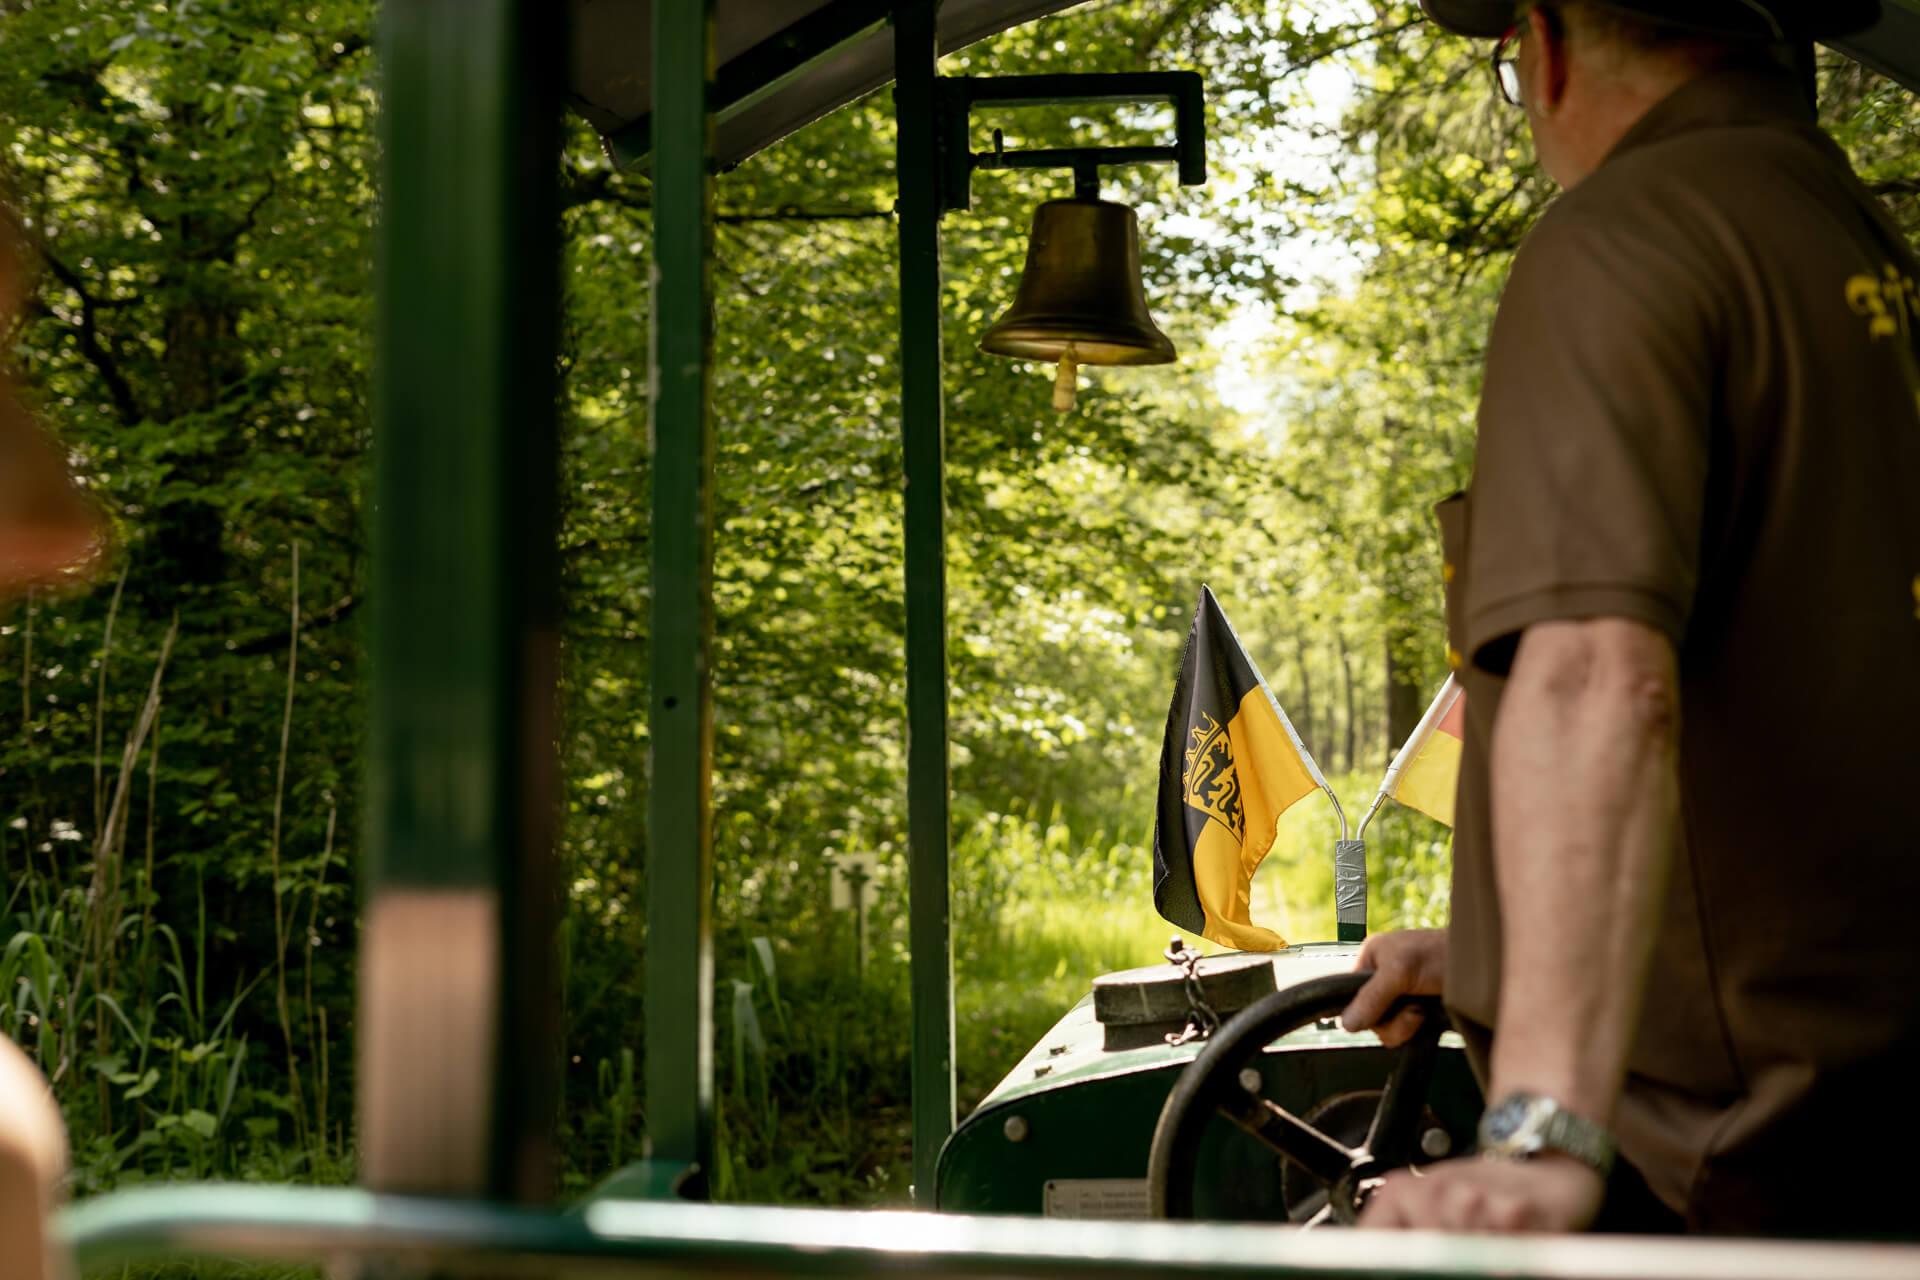 Lokführer auf der Bahn